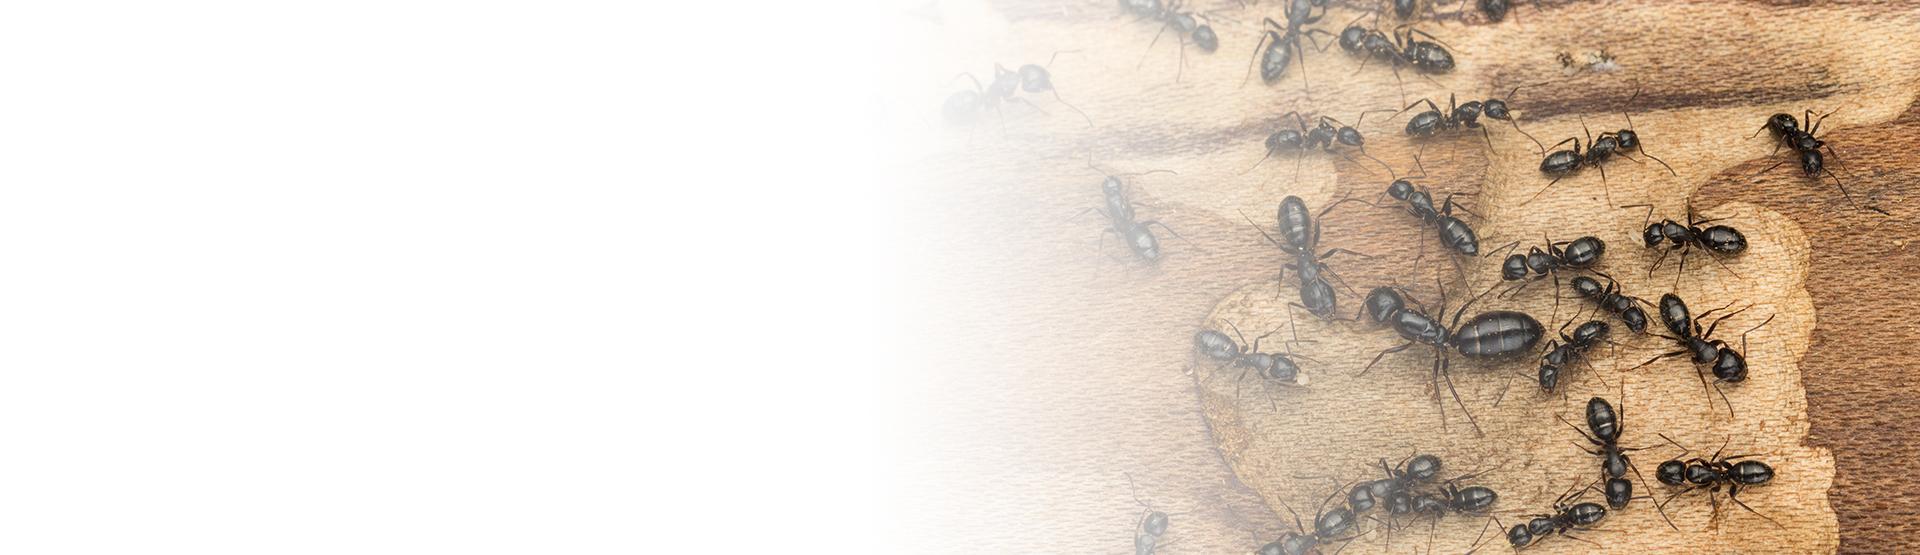 bed bug on a mans skin